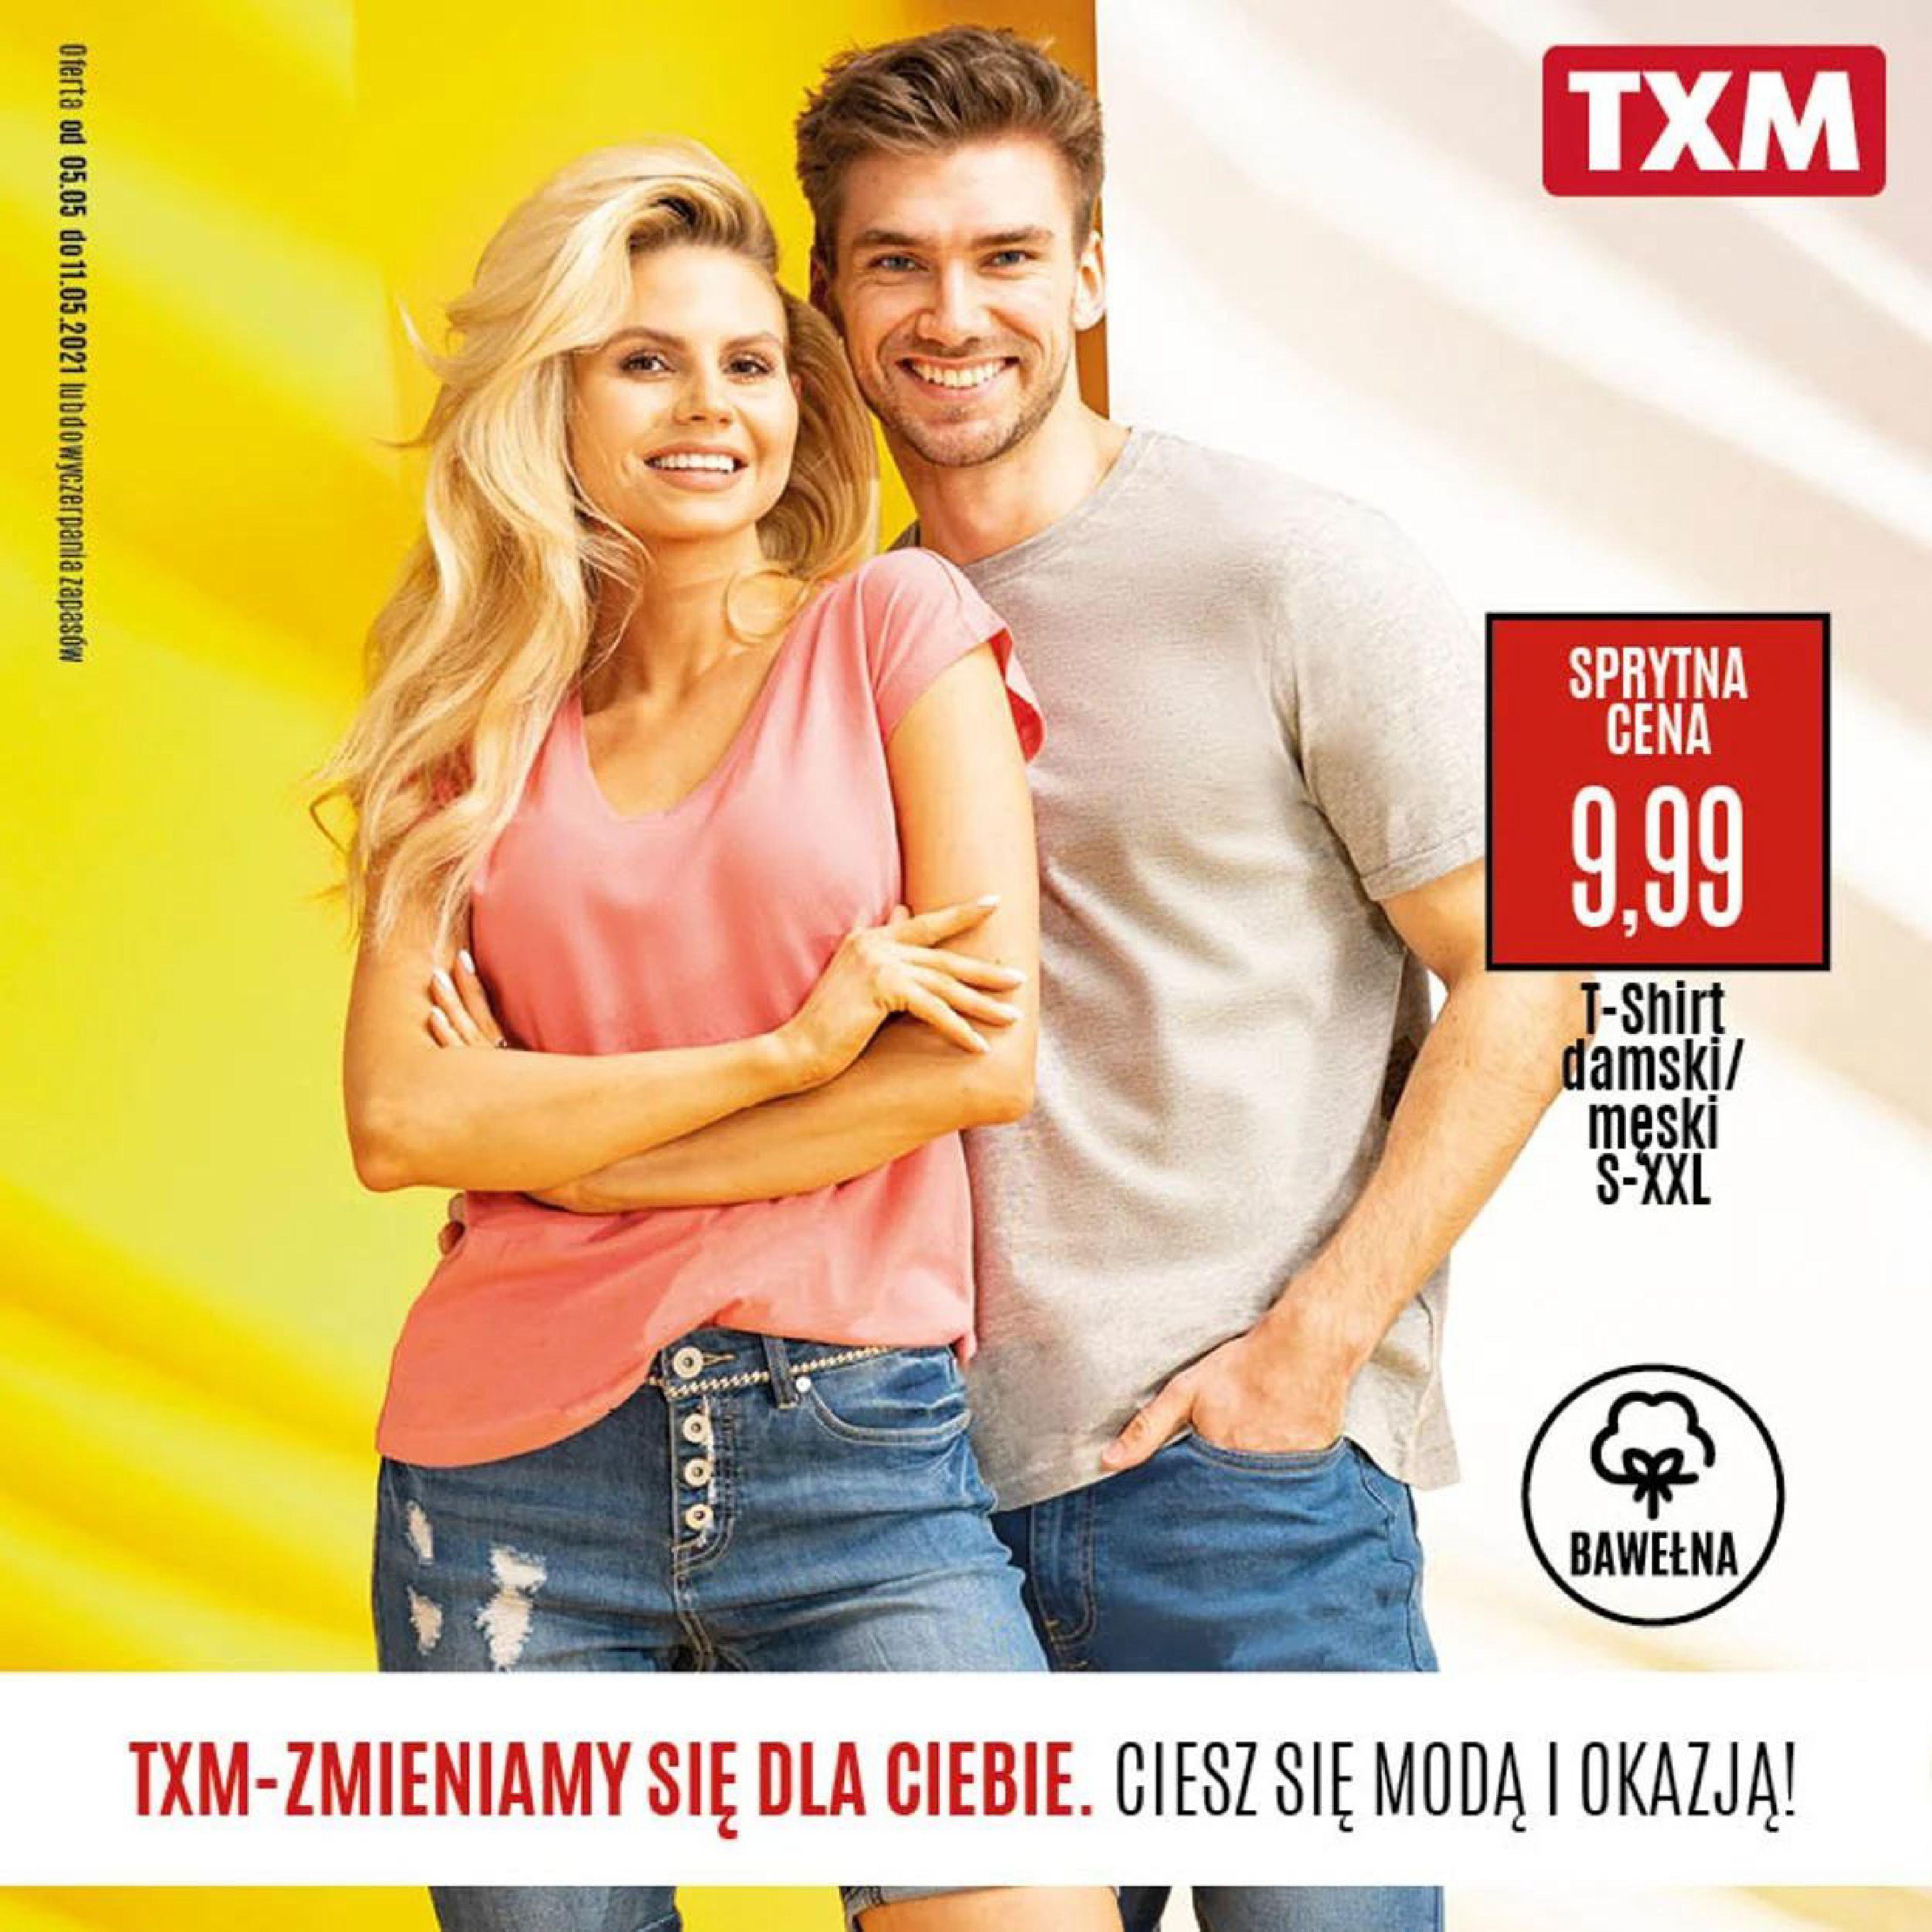 TXM textilmarket:  Gazetka promocyjna TXM od 06.05 04.05.2021